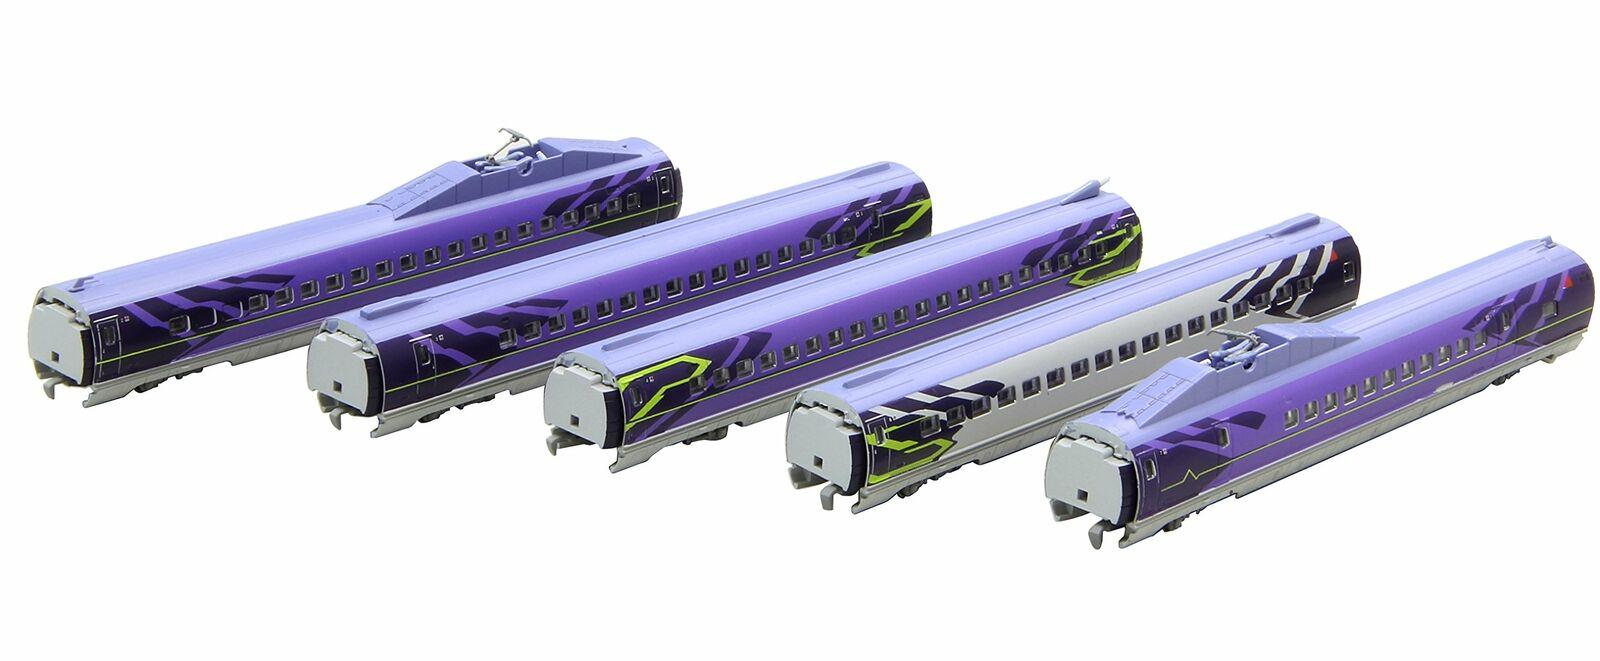 Rokuhan Z escala JR Shinkansen Serie 500  tipo Eva' 5 coches Add-On Set T013-5